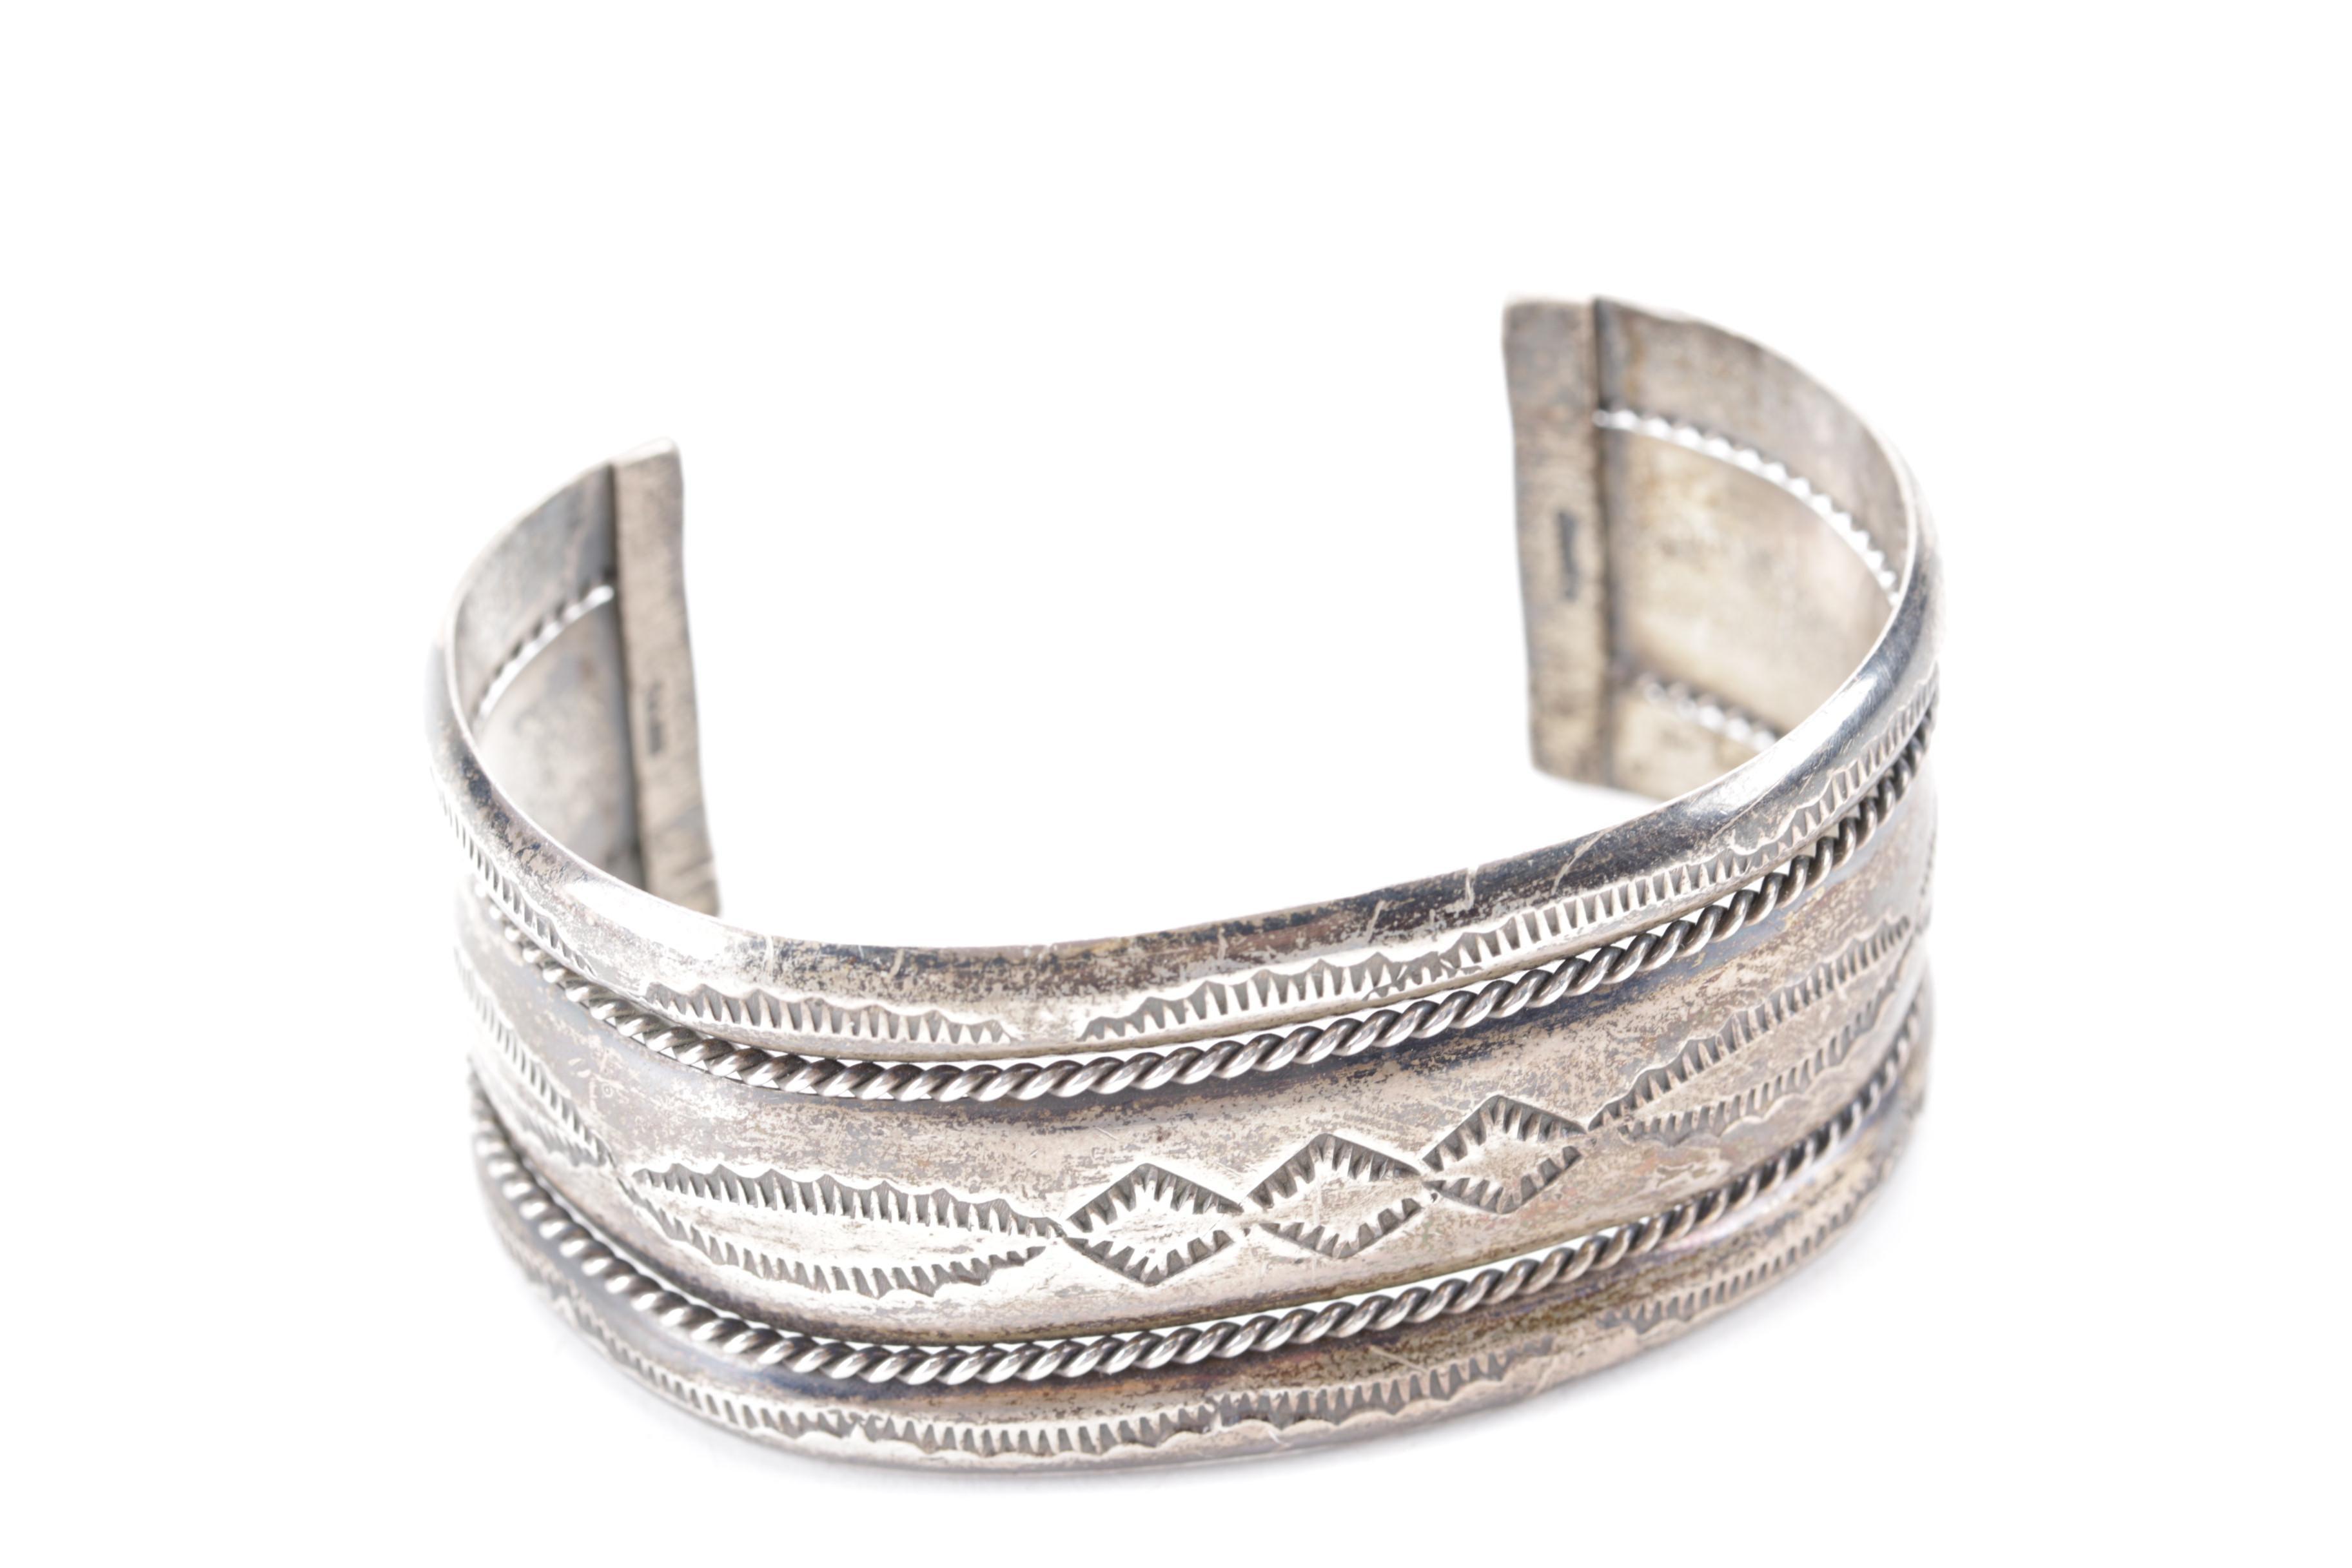 Verna Tahe Navajo Sterling Silver Cuff Bracelet